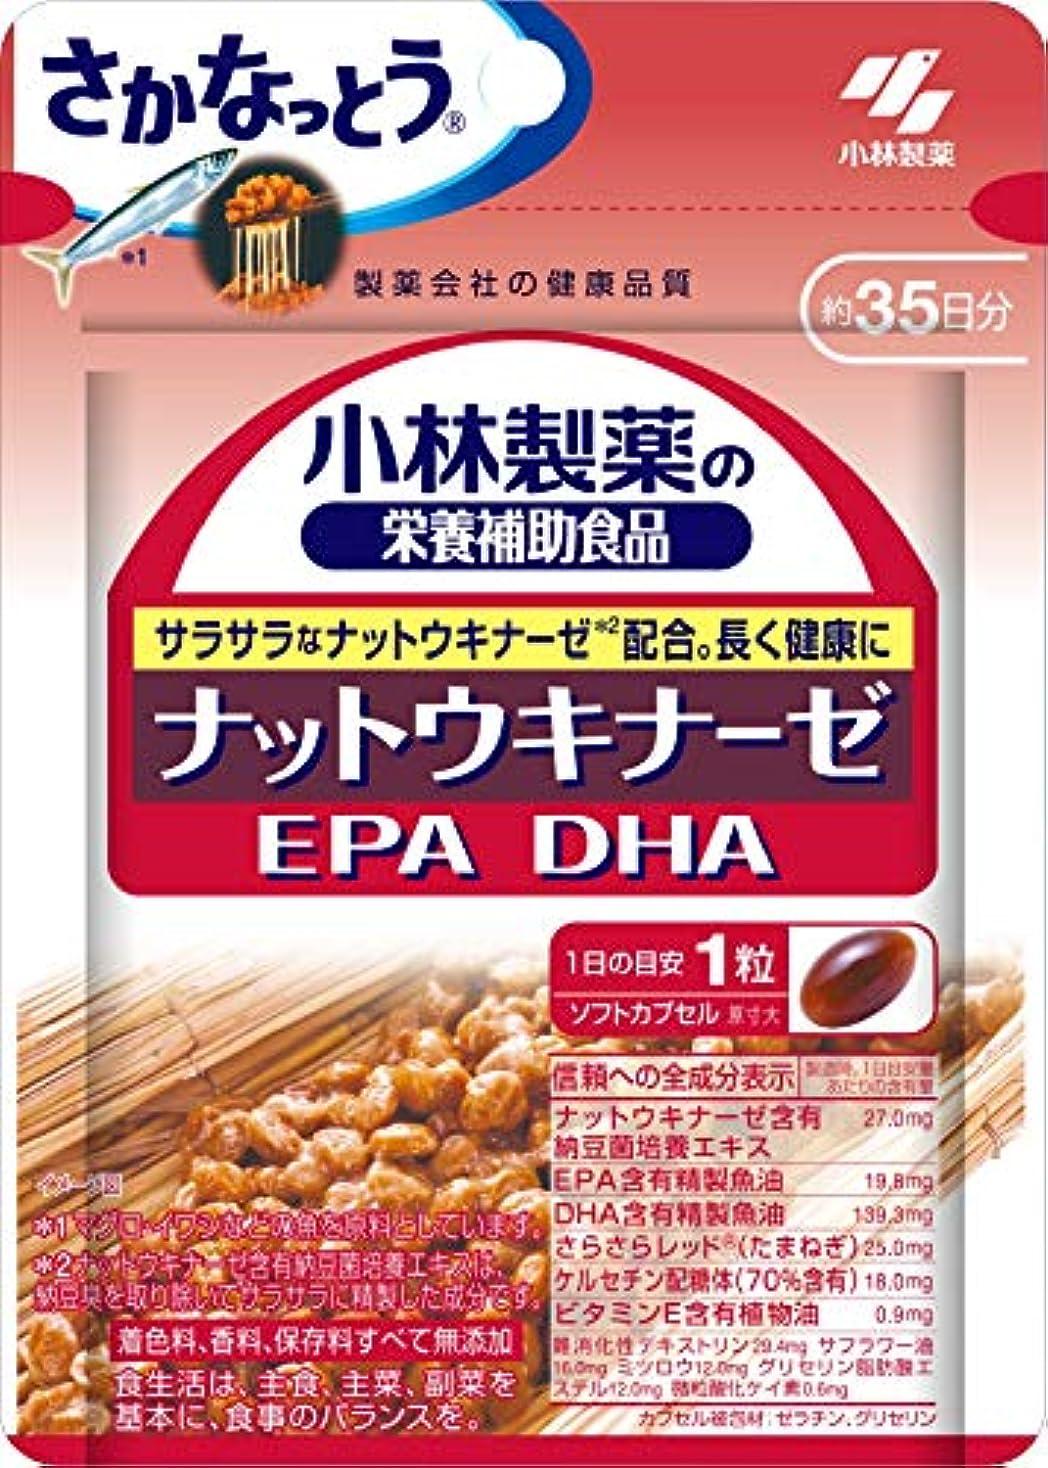 煙突まあ交差点小林製薬の栄養補助食品 ナットウキナーゼ EPA DHA 約35日分 35粒